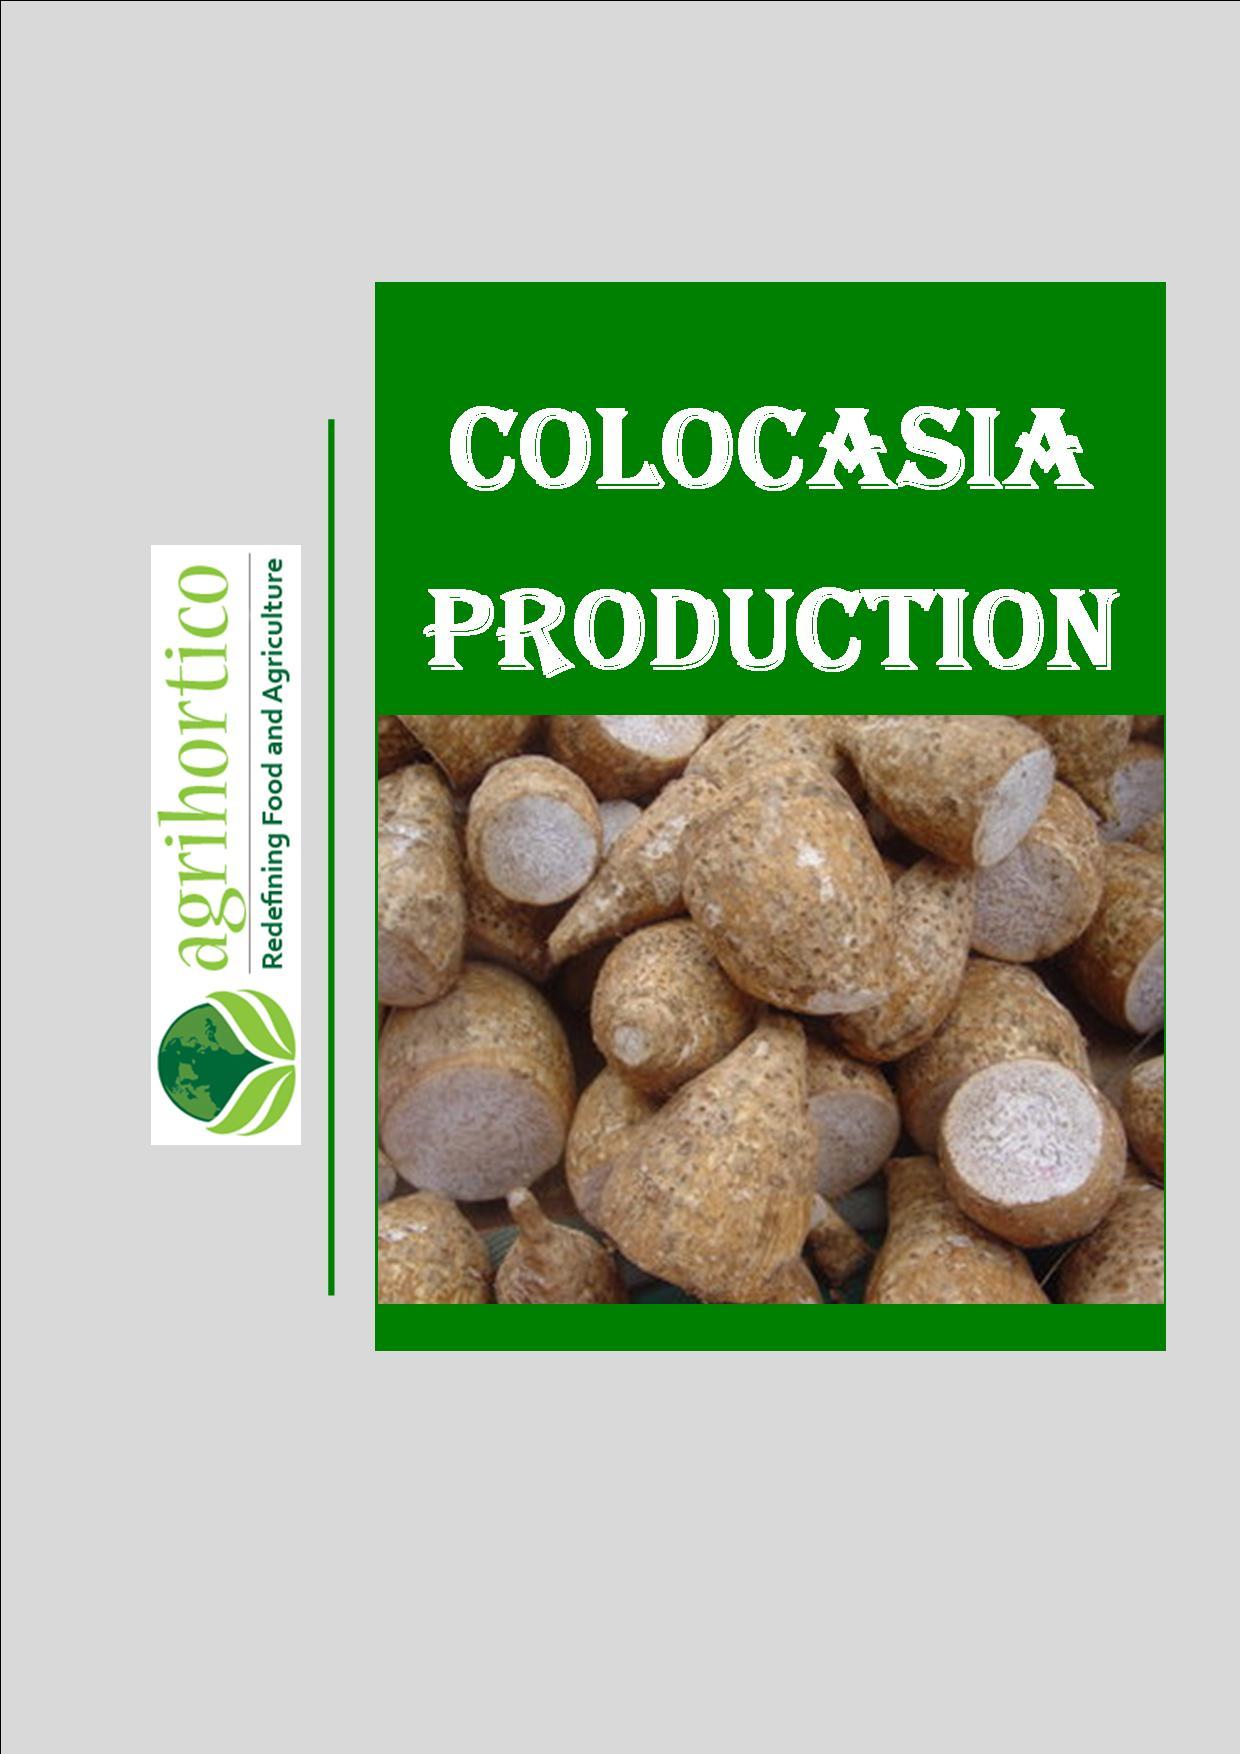 colocasia-production